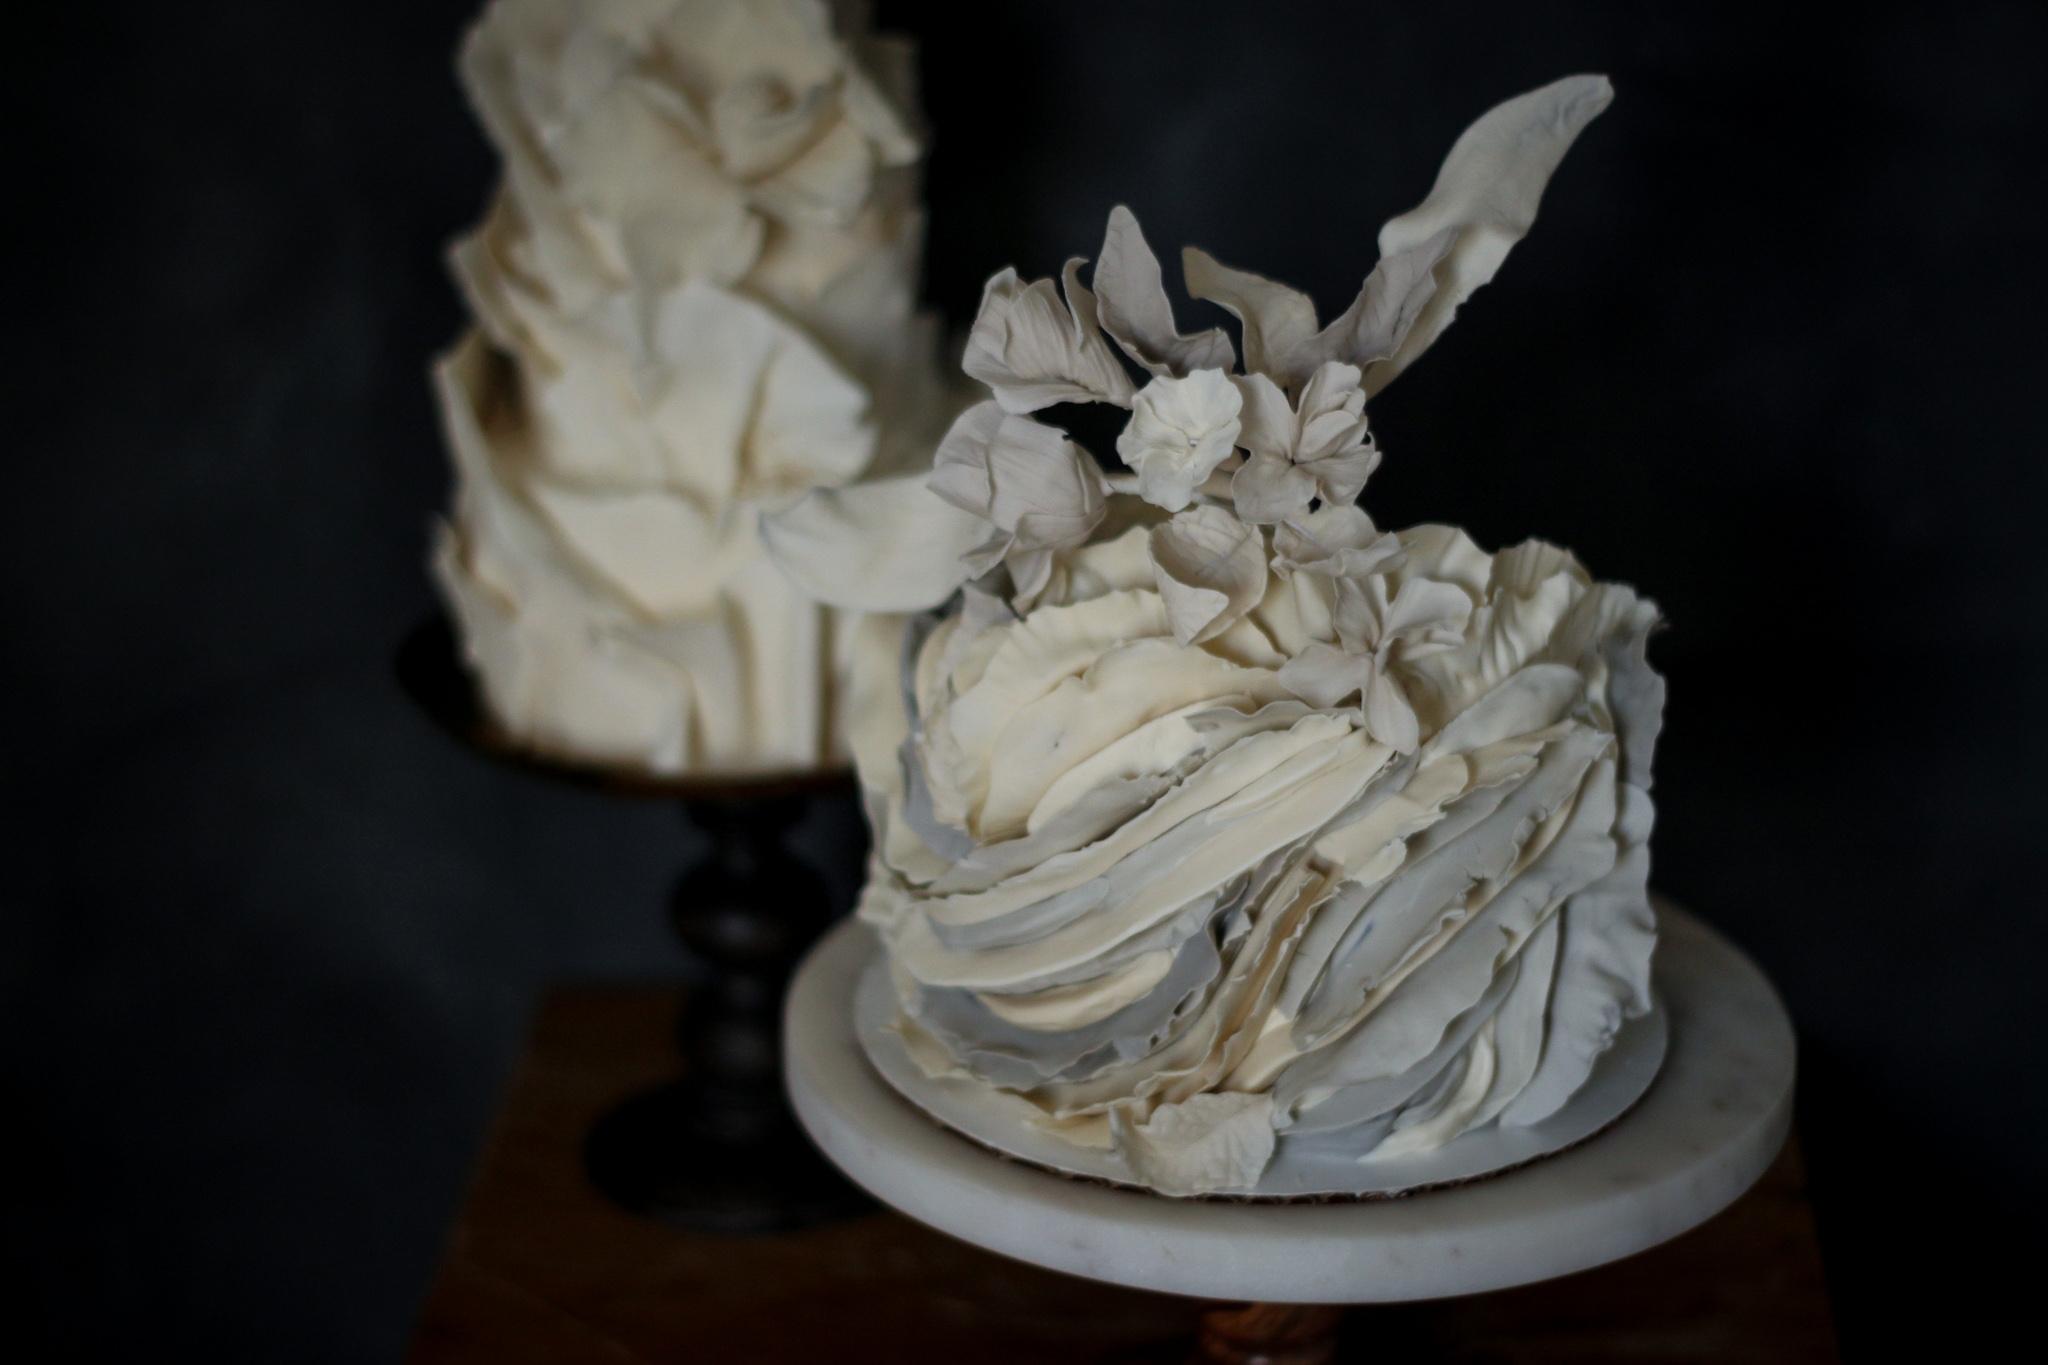 Extreme fondant ruffle cake